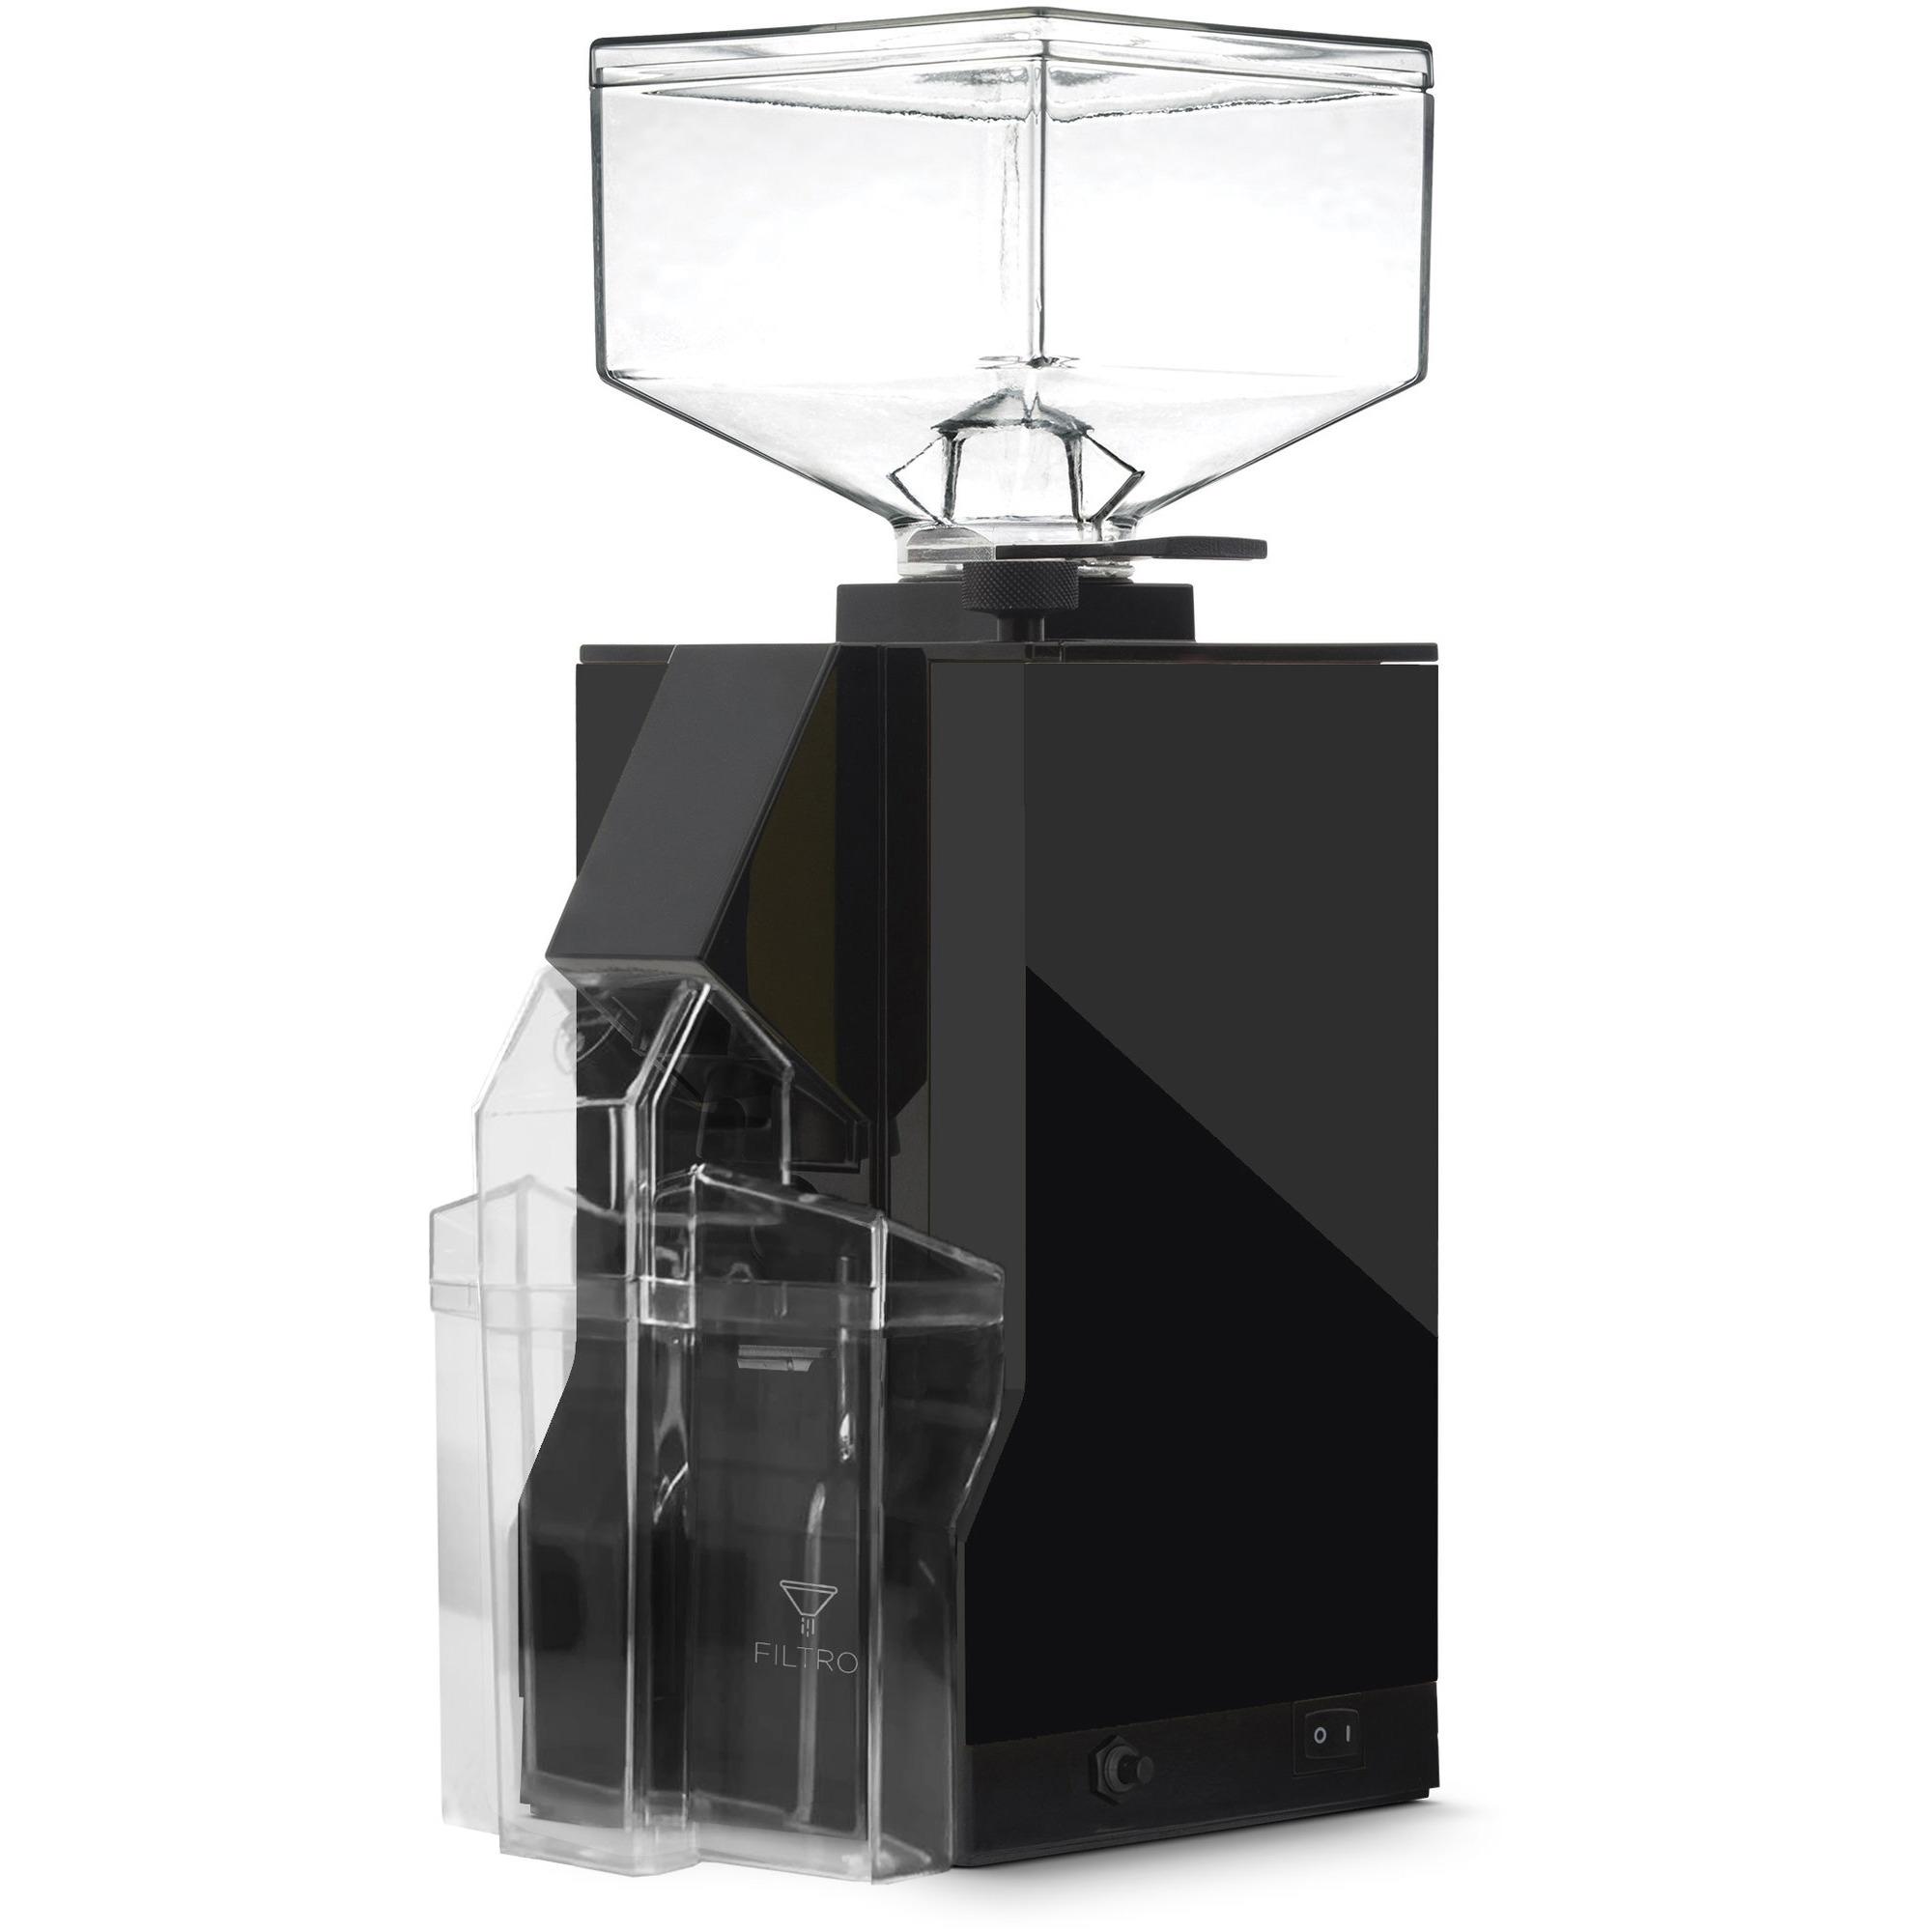 Eureka MIGNON Filtro elektrisk Kaffekvarn